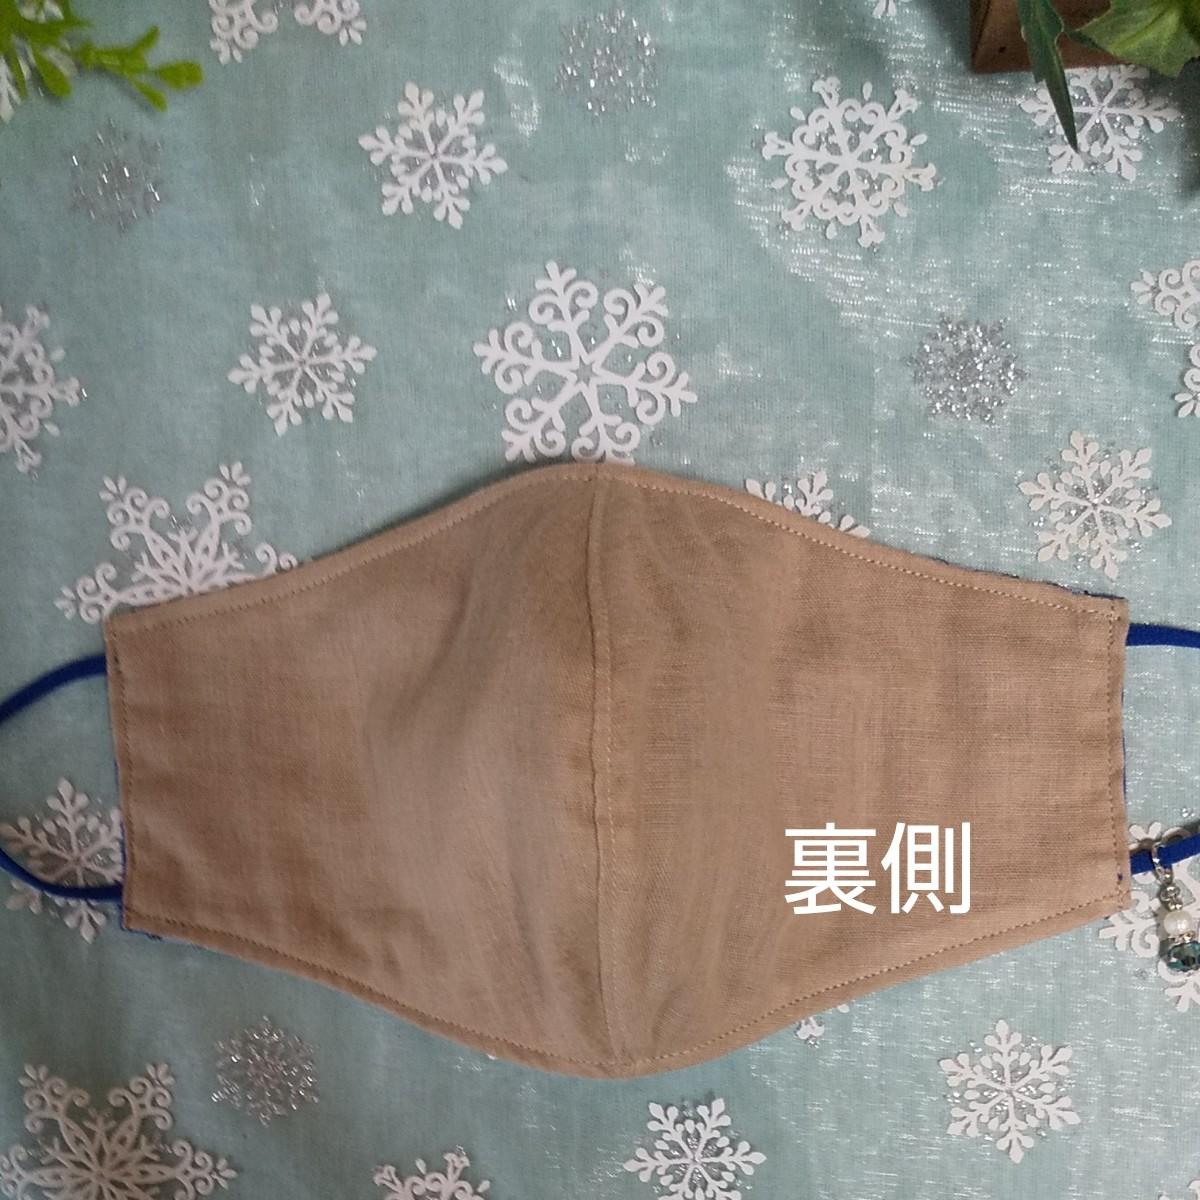 立体インナーハンドメイド、綿ガーゼ、チュール刺繍レース(ホワイト×ブルー花柄)(大きめサイズ)アジャスター付、チャーム付